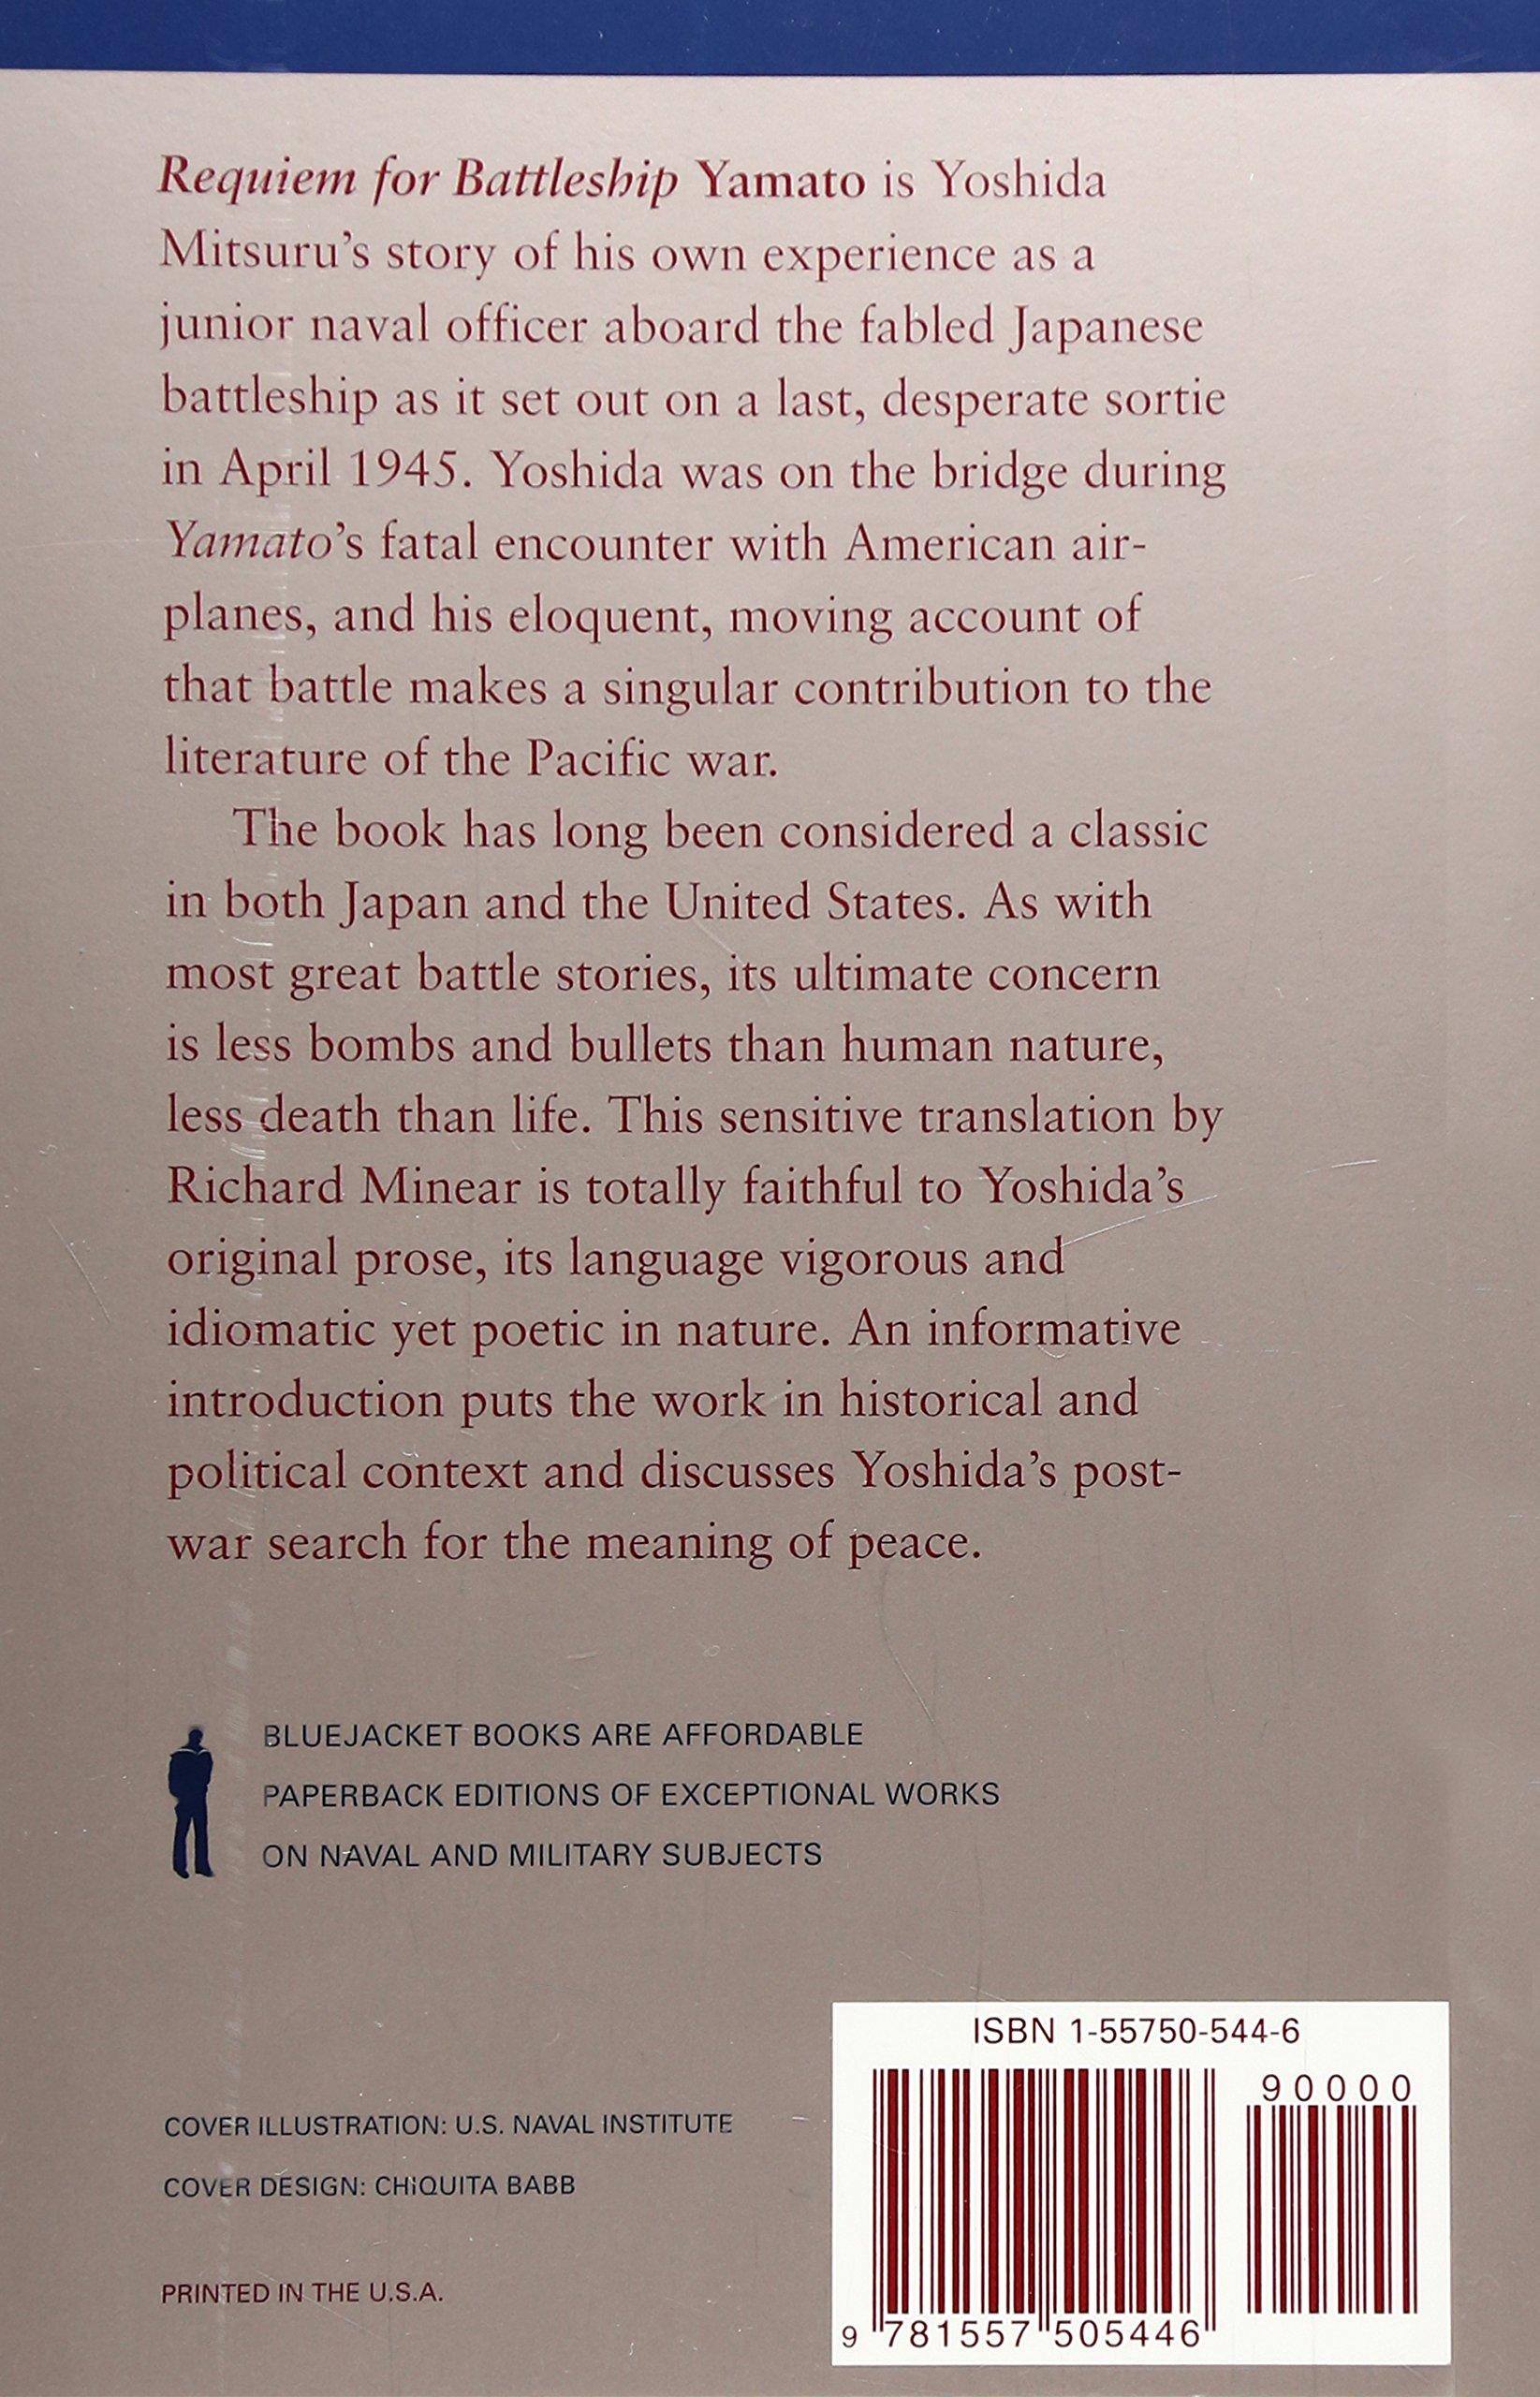 Requiem for Battleship Yamato (Bluejacket Books): Yoshida Mitsuru ...